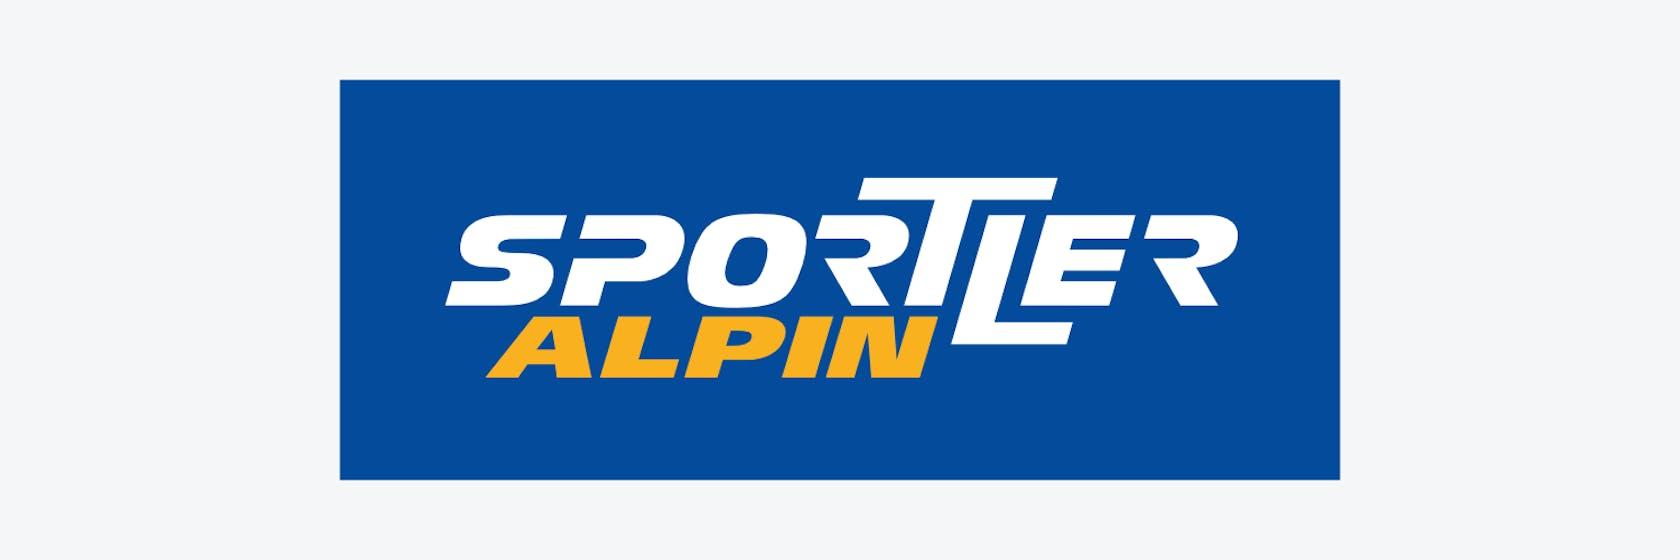 Sportler alpin